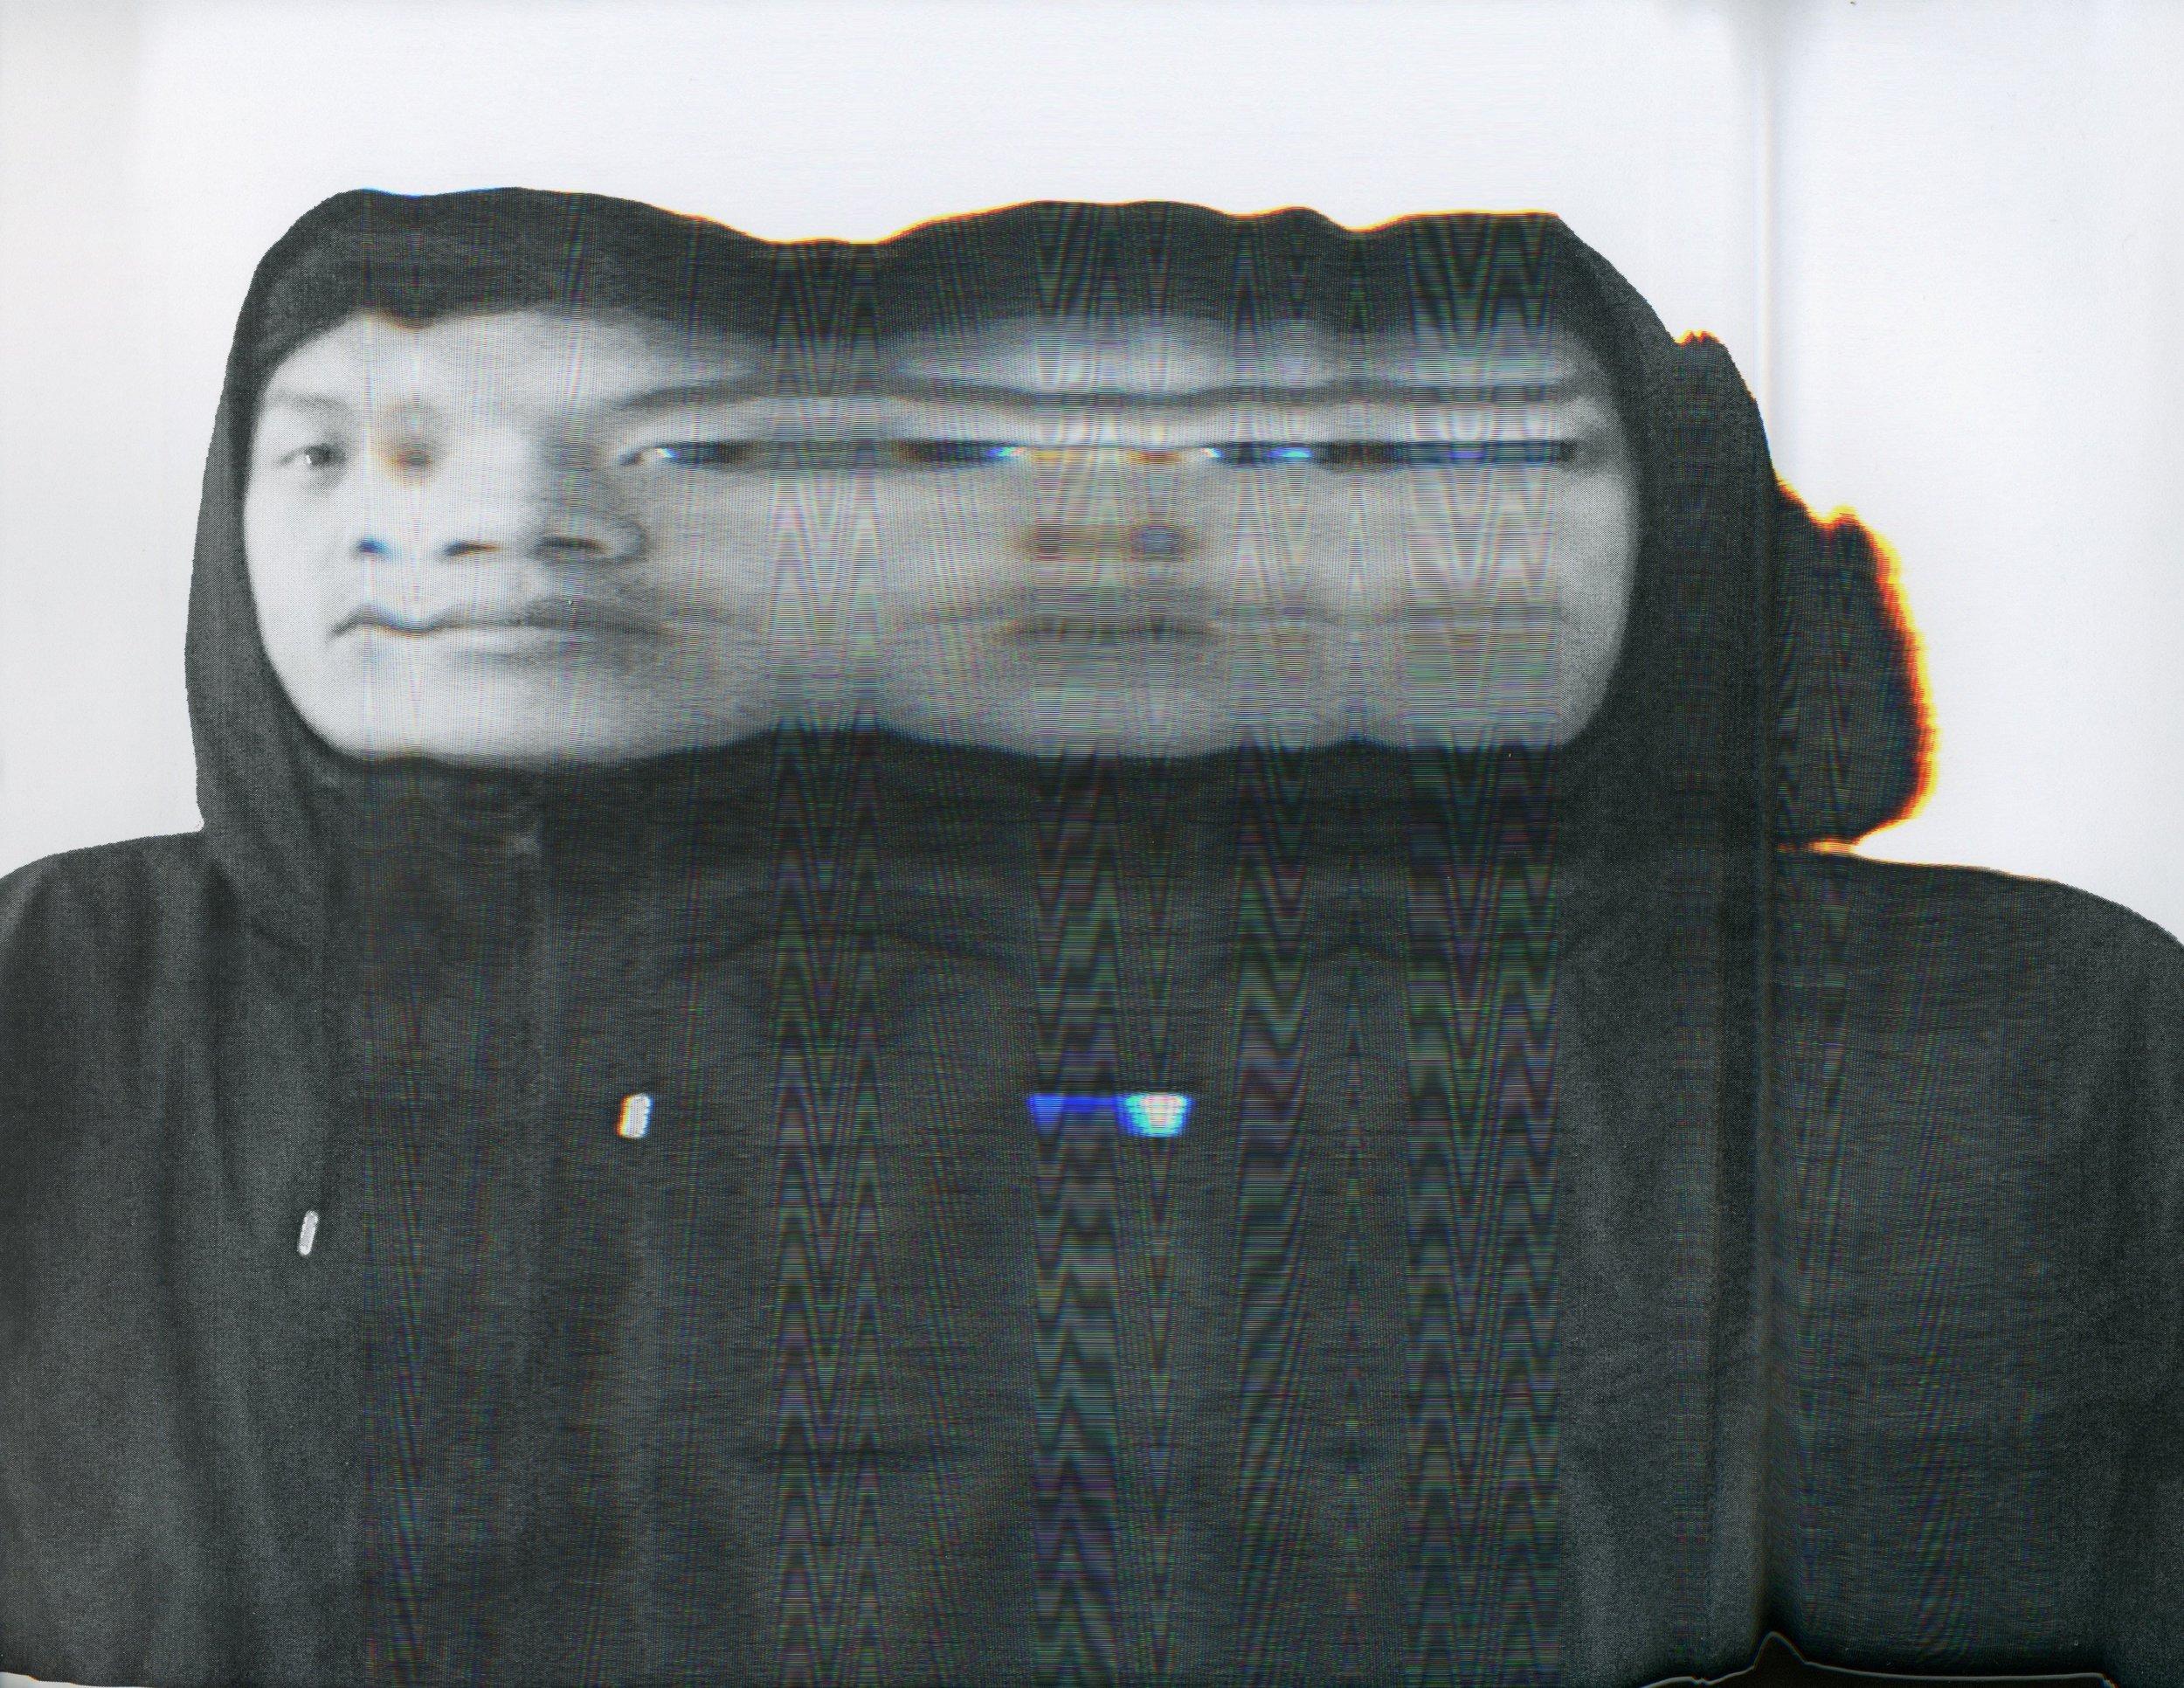 Scanned Image 7.jpeg